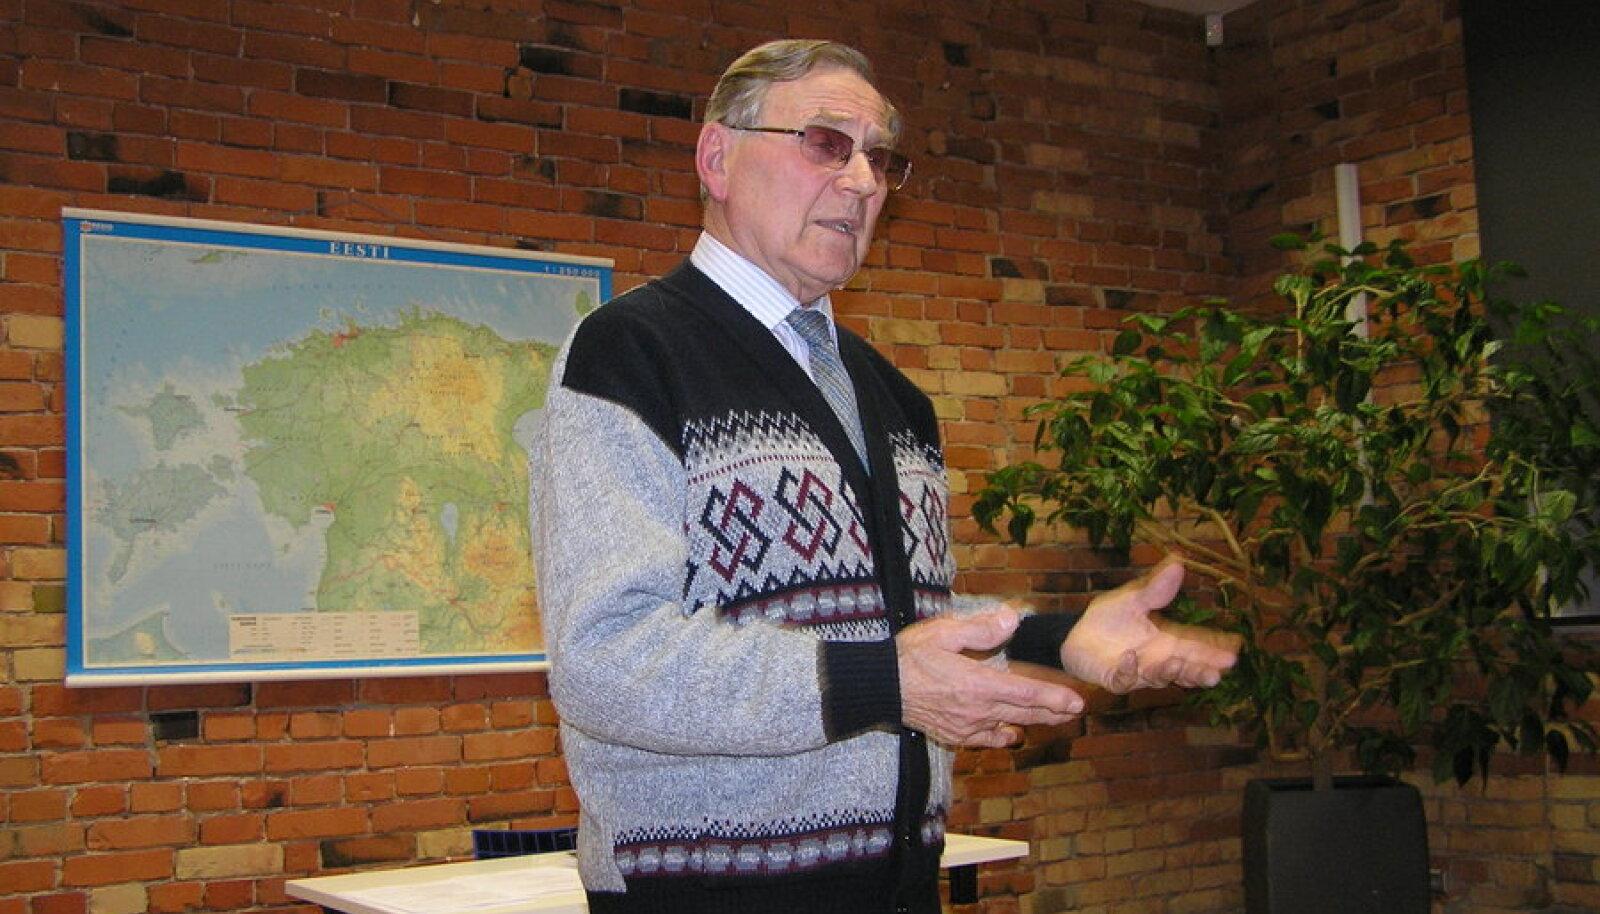 Paevana Rein Einasto rääkis Märjamaa raamatukogus kirglikult poliitikast ja paekivini seekord ei jõudnudki. Foto: Reet Saar